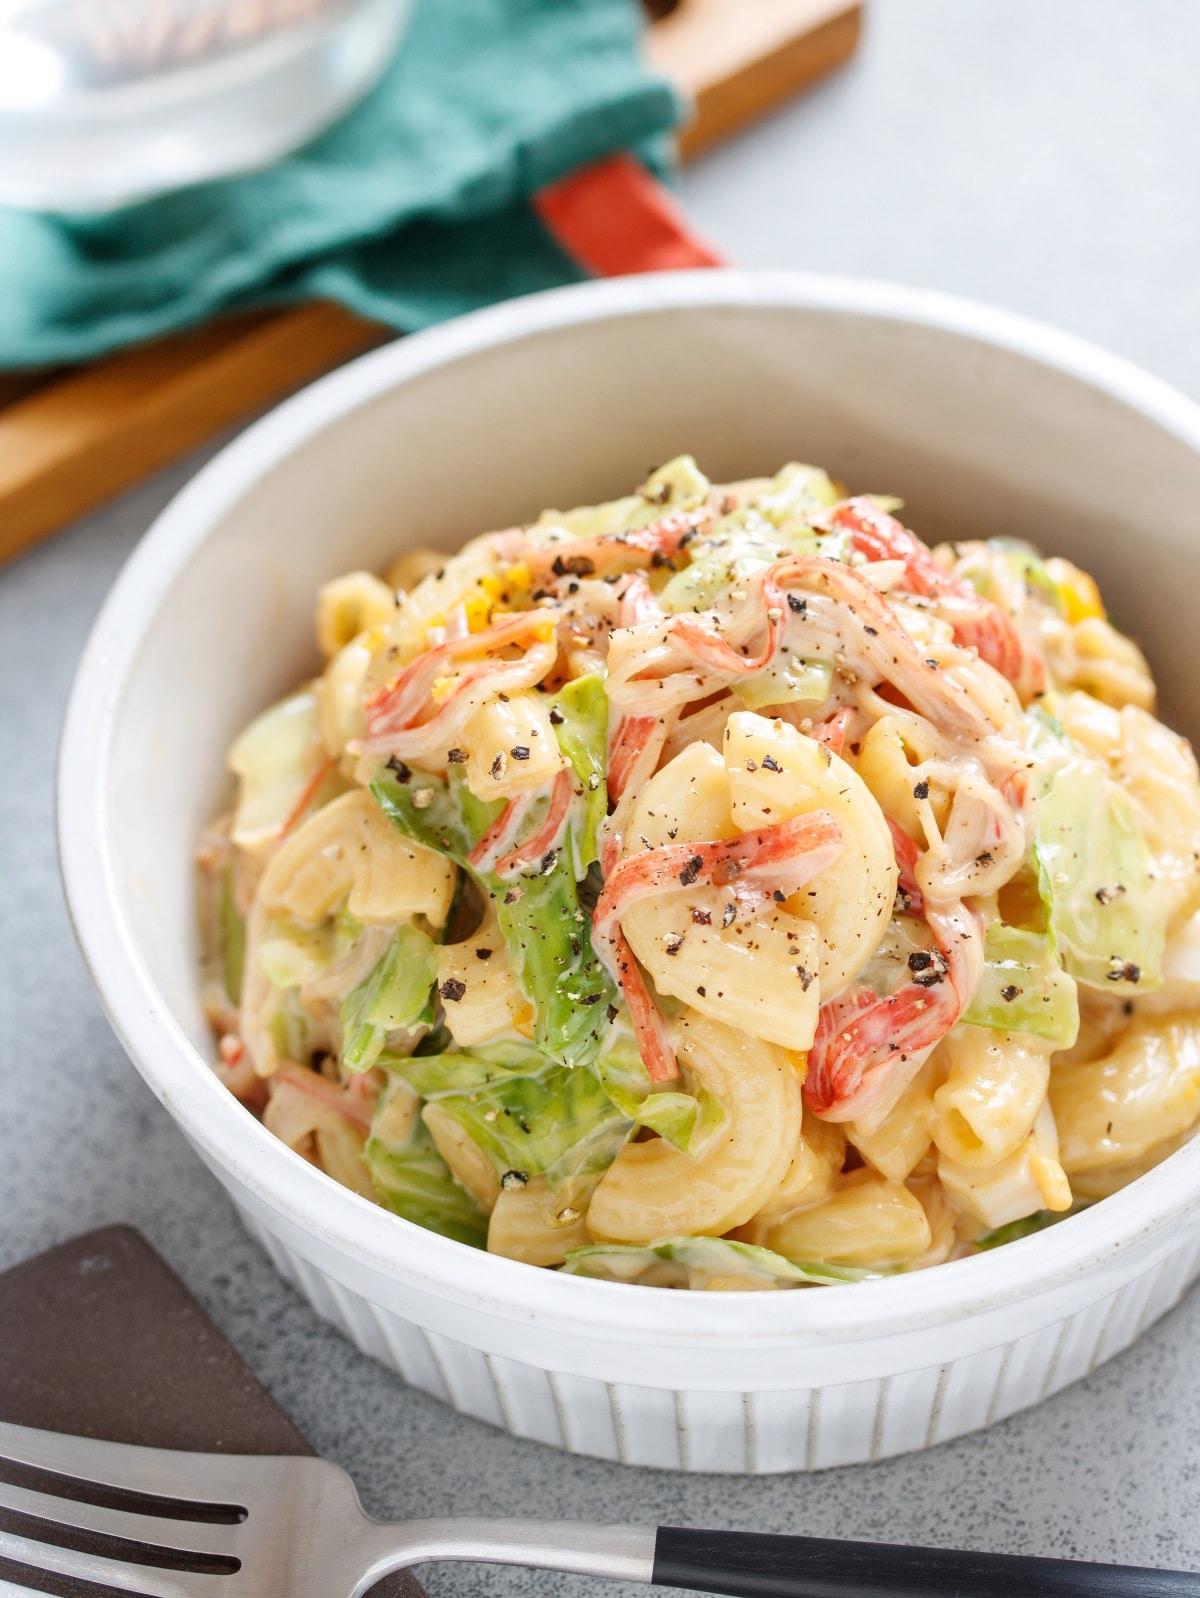 サラダ 期限 マカロニ 賞味